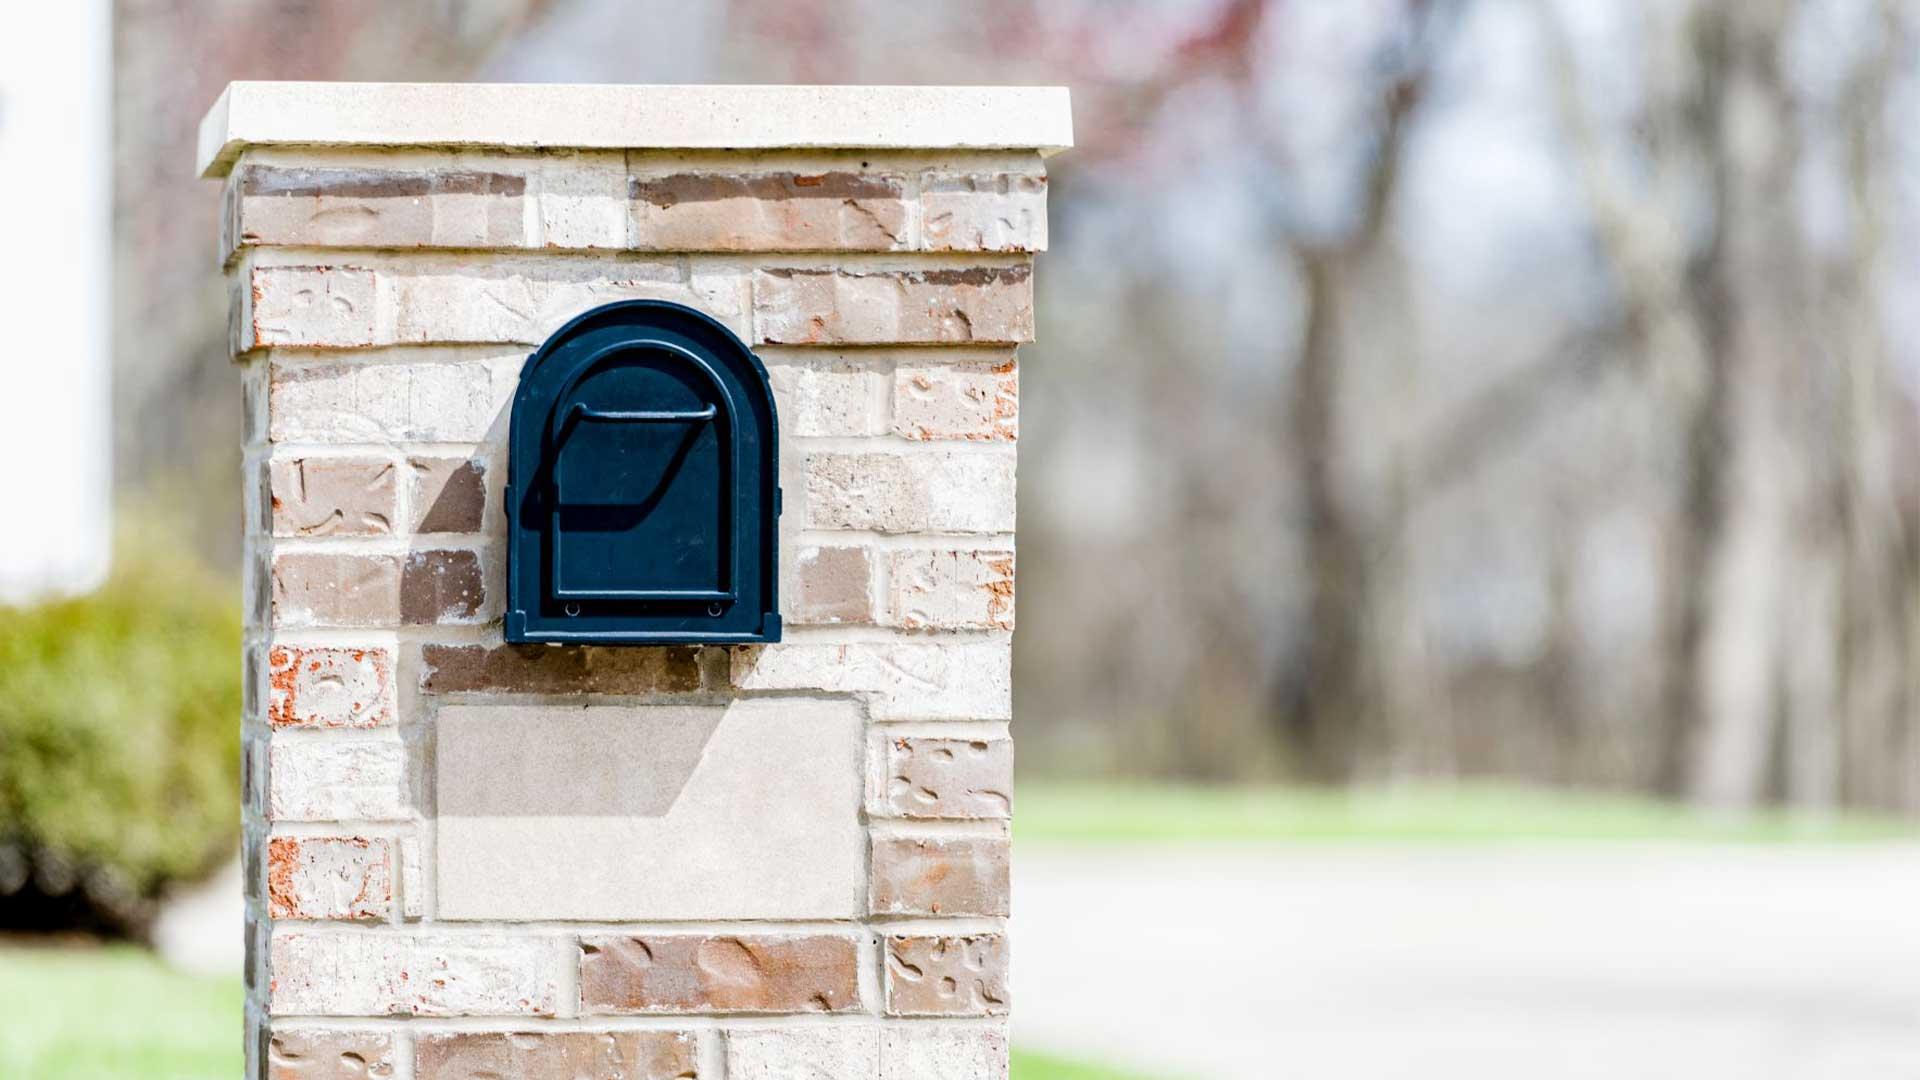 brick-mailbox-in-white-brick.jpg